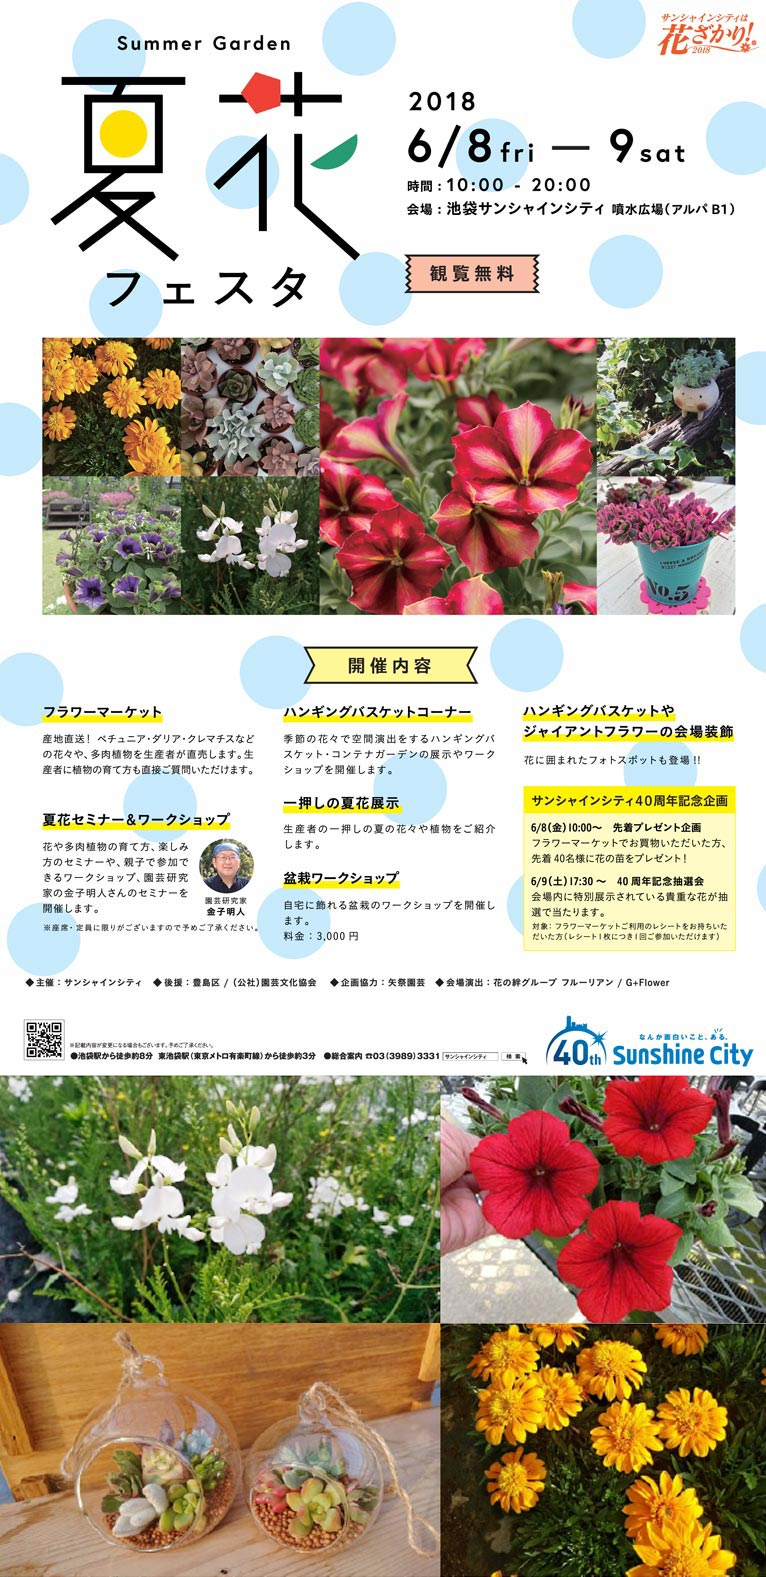 2018年6月8・9日 Summer Garden 夏花フェスタ ペチュニア・ダリア・クレマチス・多肉植物など、この夏一押しの花々を展示・販売!